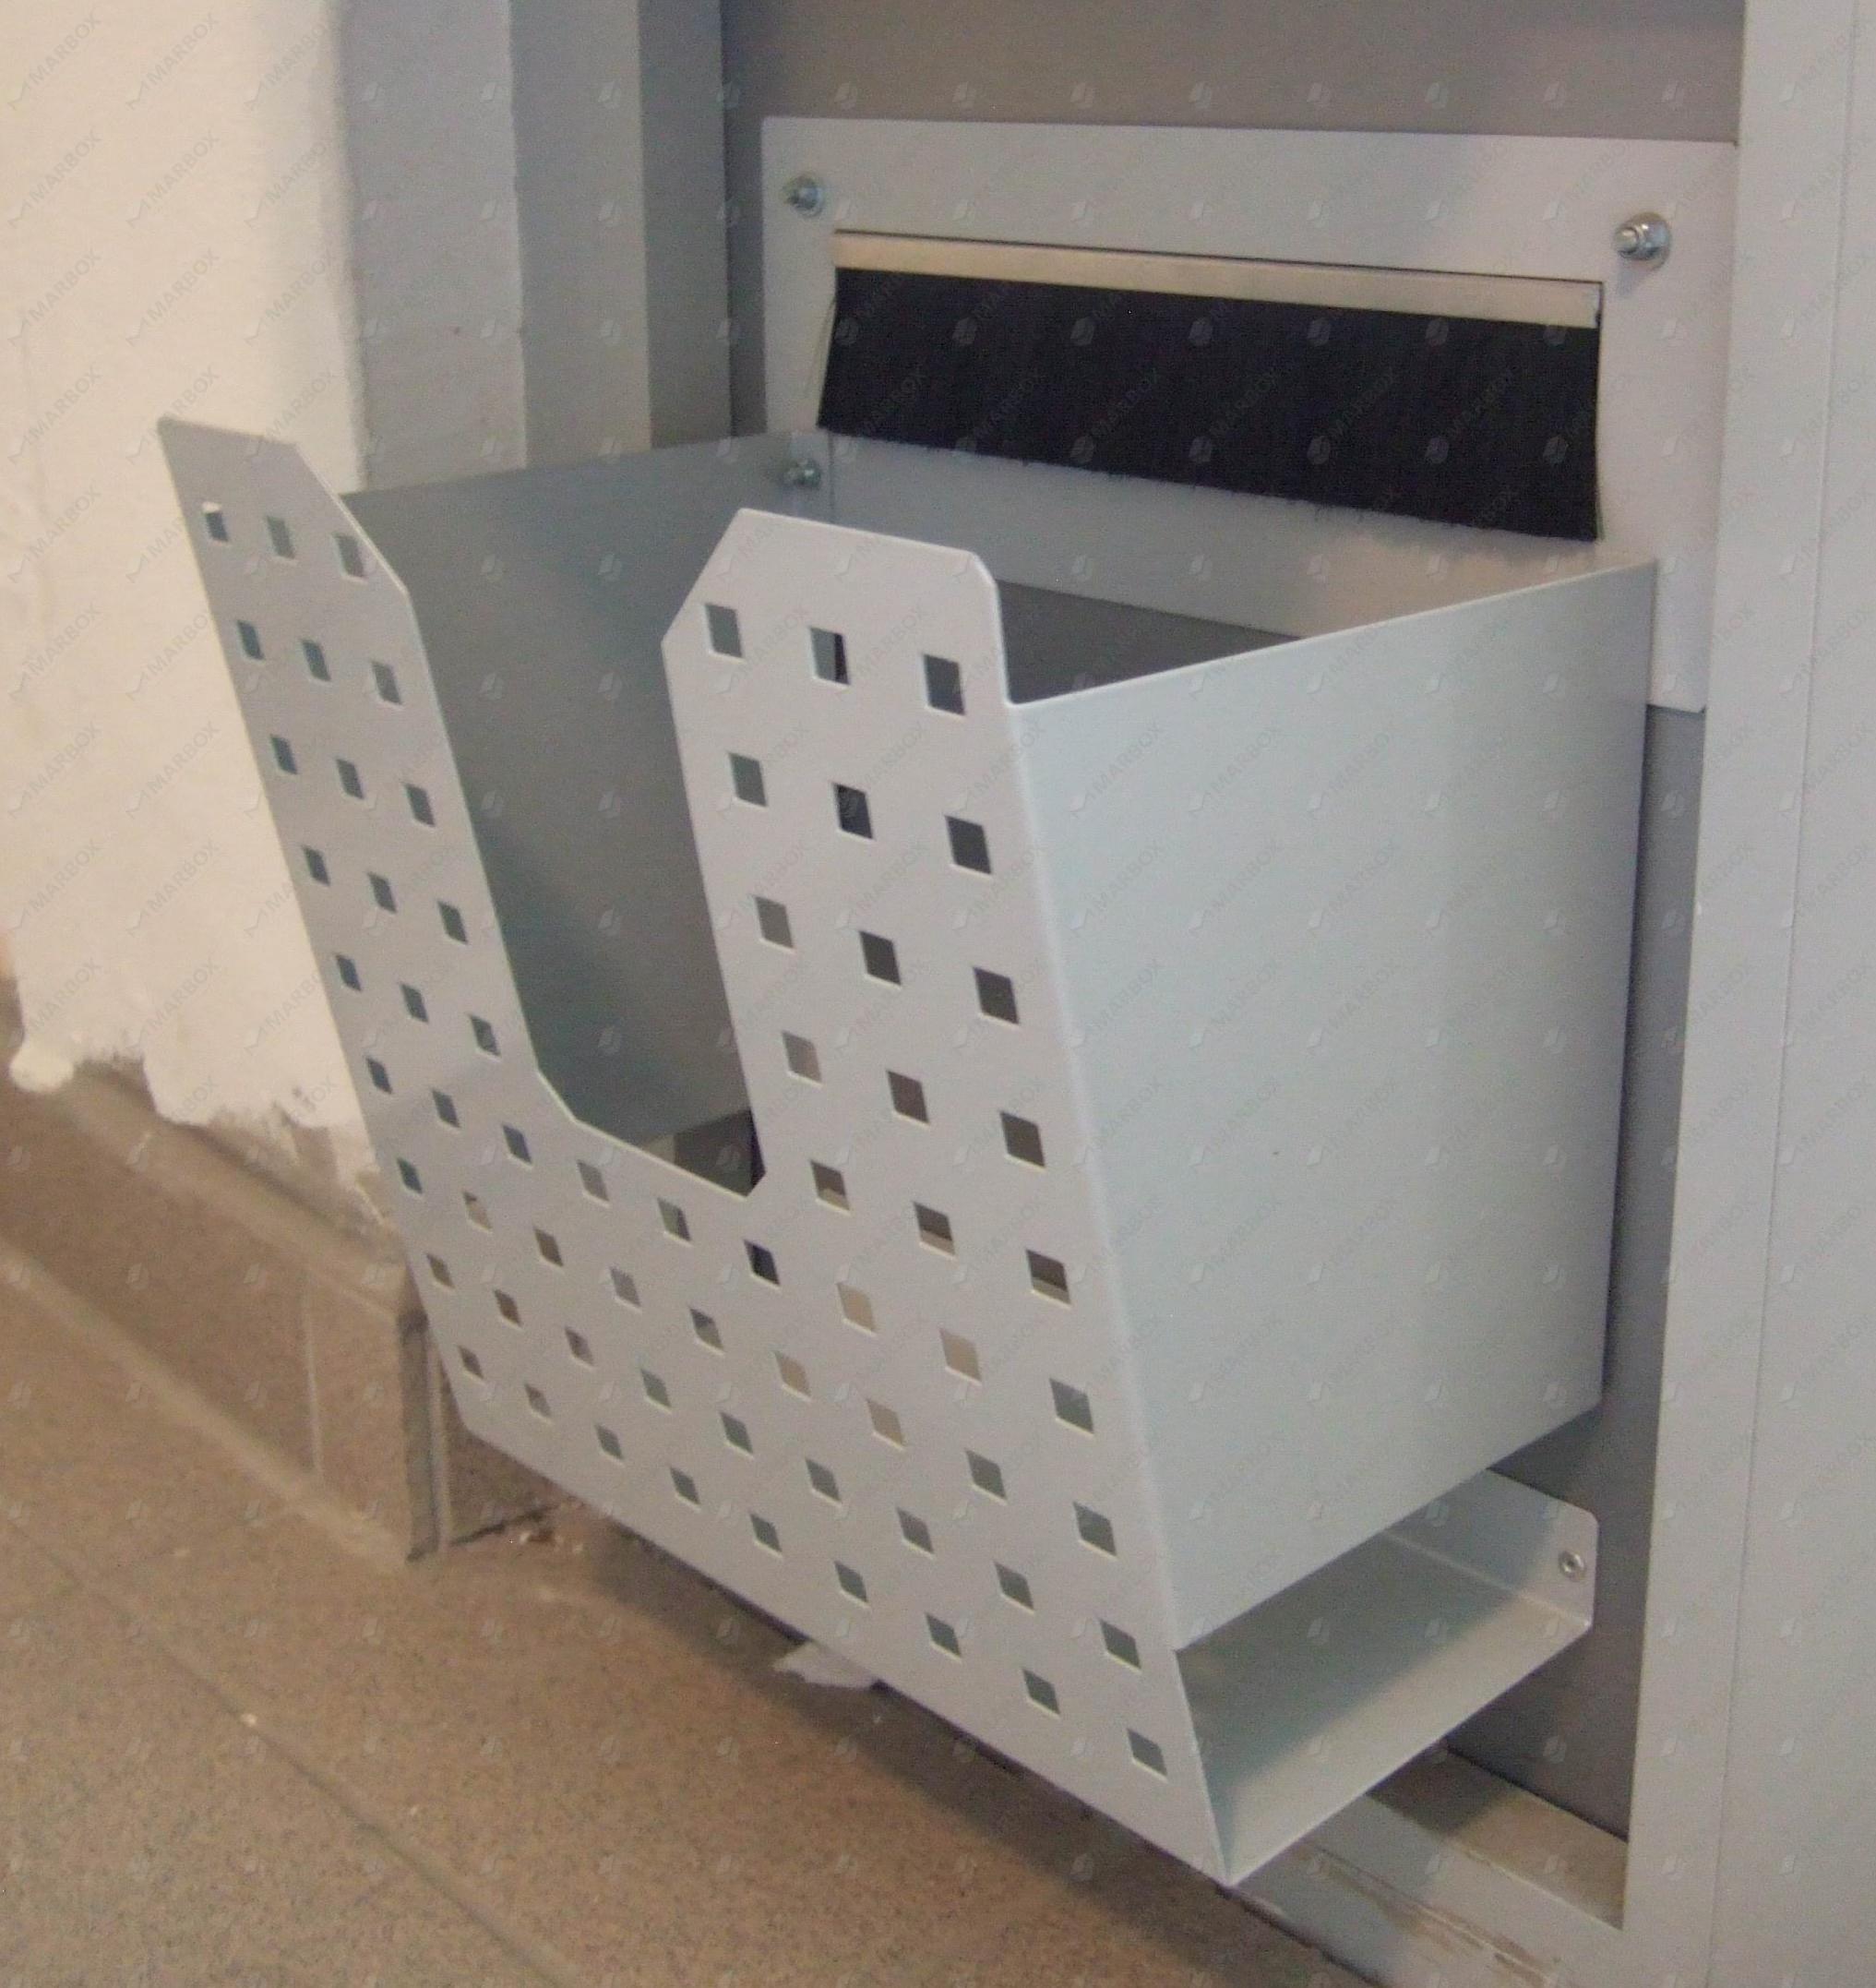 doplnky k poštovým schránkam: koše na letáky